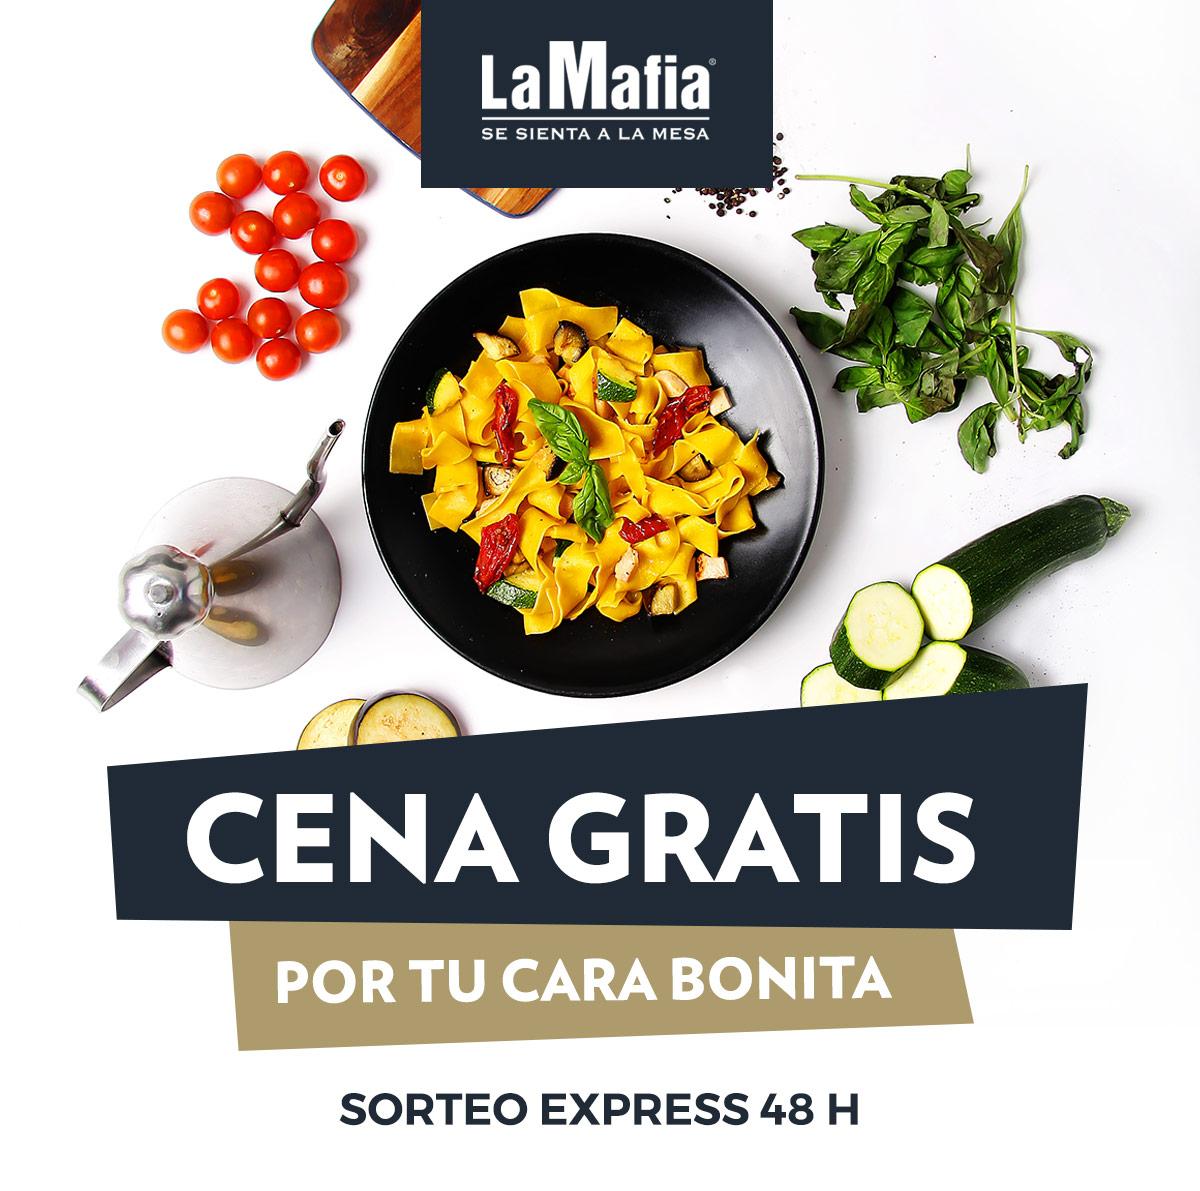 SorteoExpress - ¿Apetece una cena gratis en 'La Mafia se sienta a la mesa'?